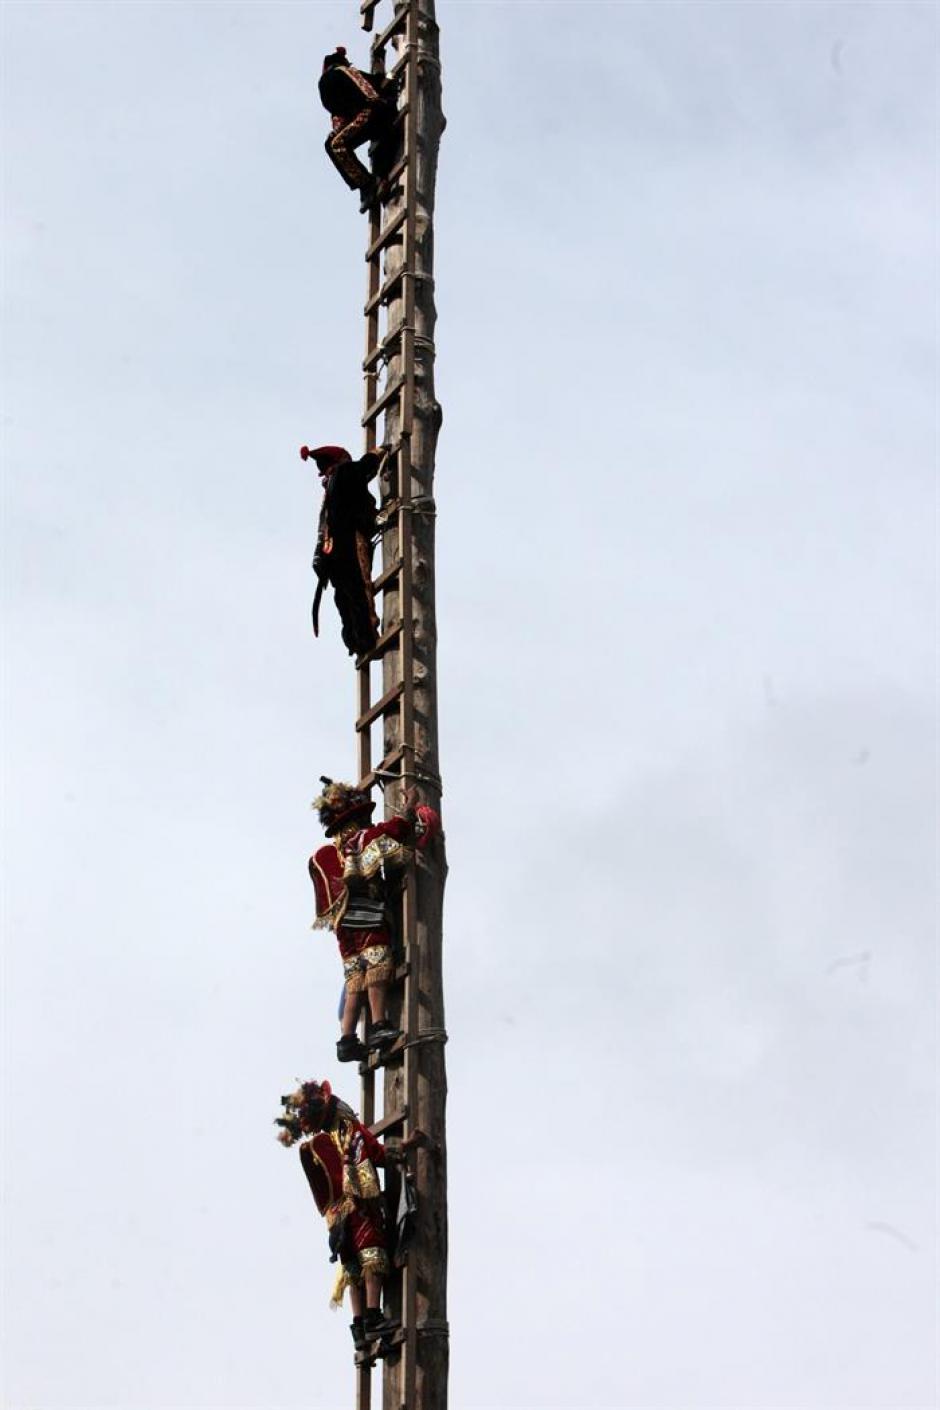 Los participantes de esta acción tardan en subir al lugar donde comienza la acción. (Foto: Esteban Biba/EFE)